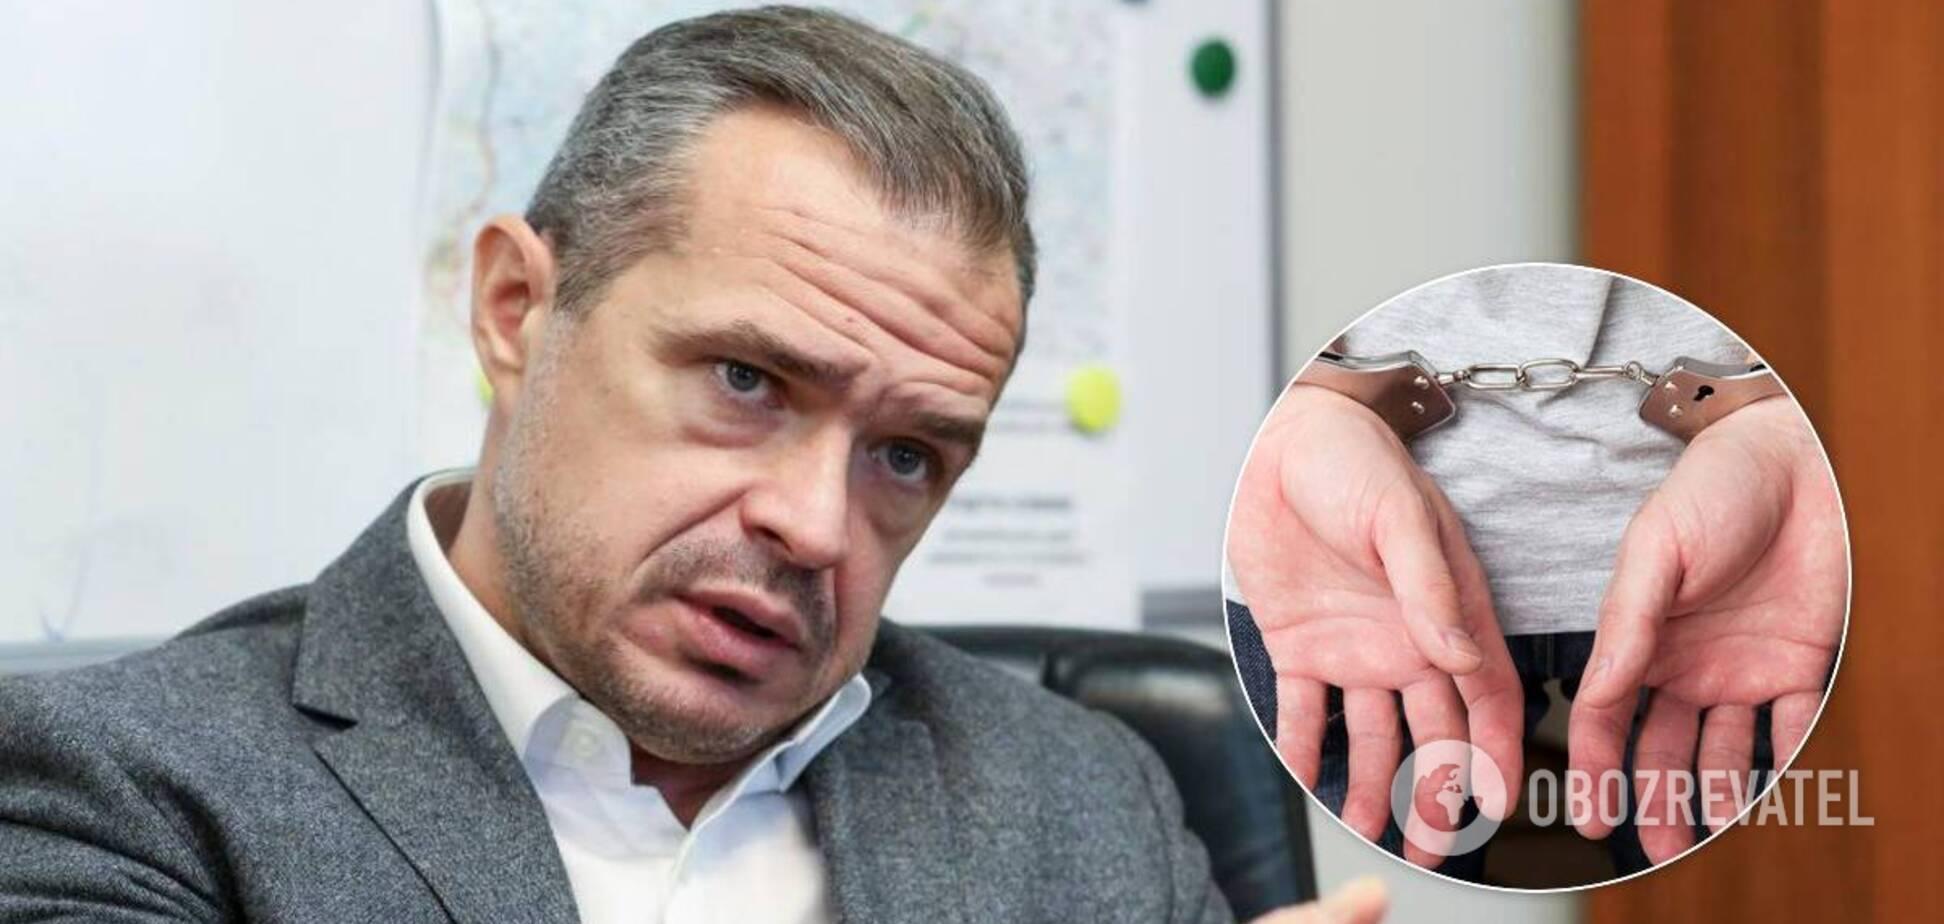 'Онур' Новака: как международная компания могла сплести коррупционный спрут с поляком в Украине